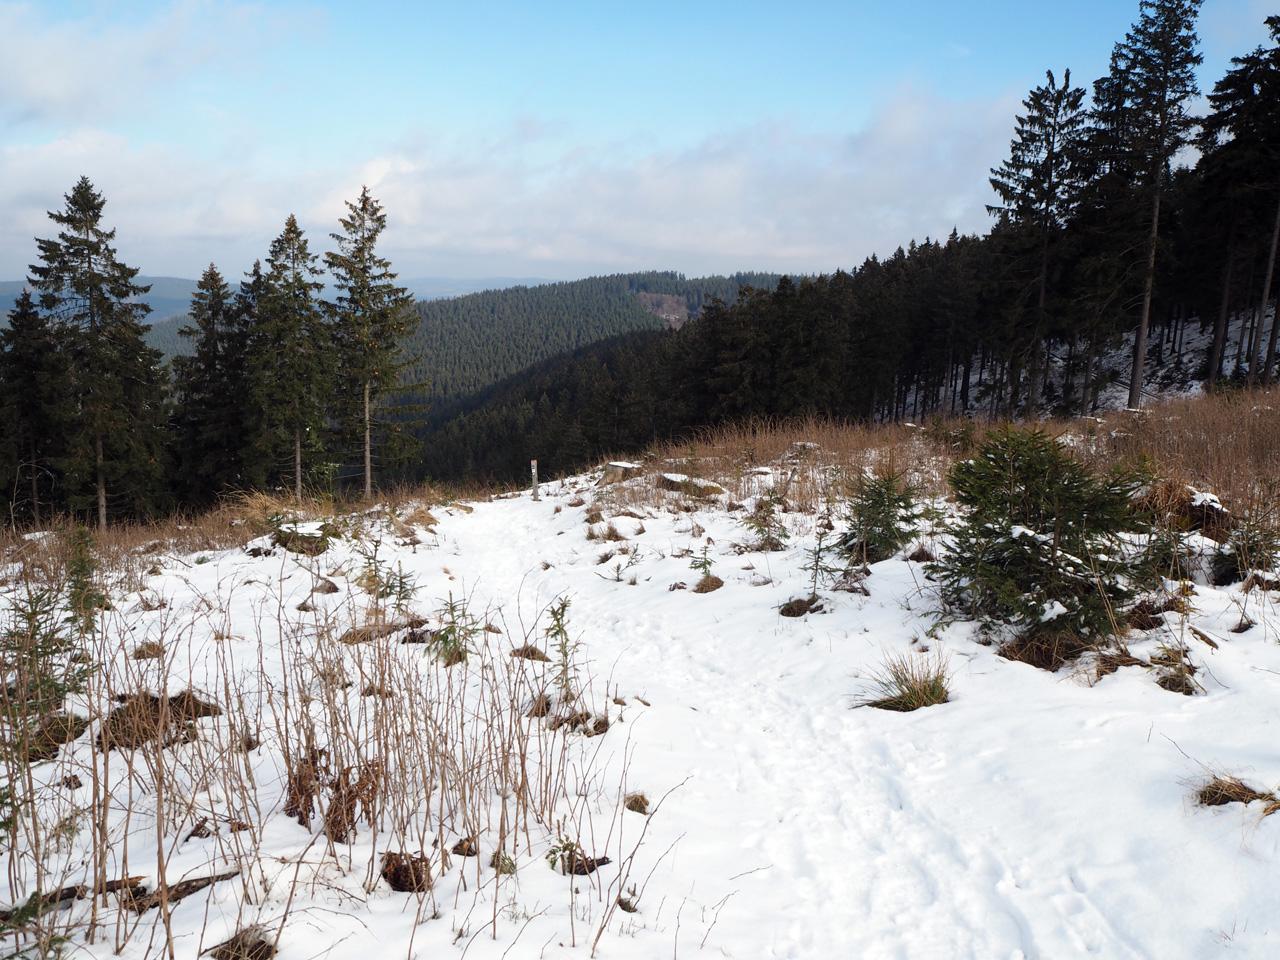 mooi winterweer met blauwe lucht en sneeuw